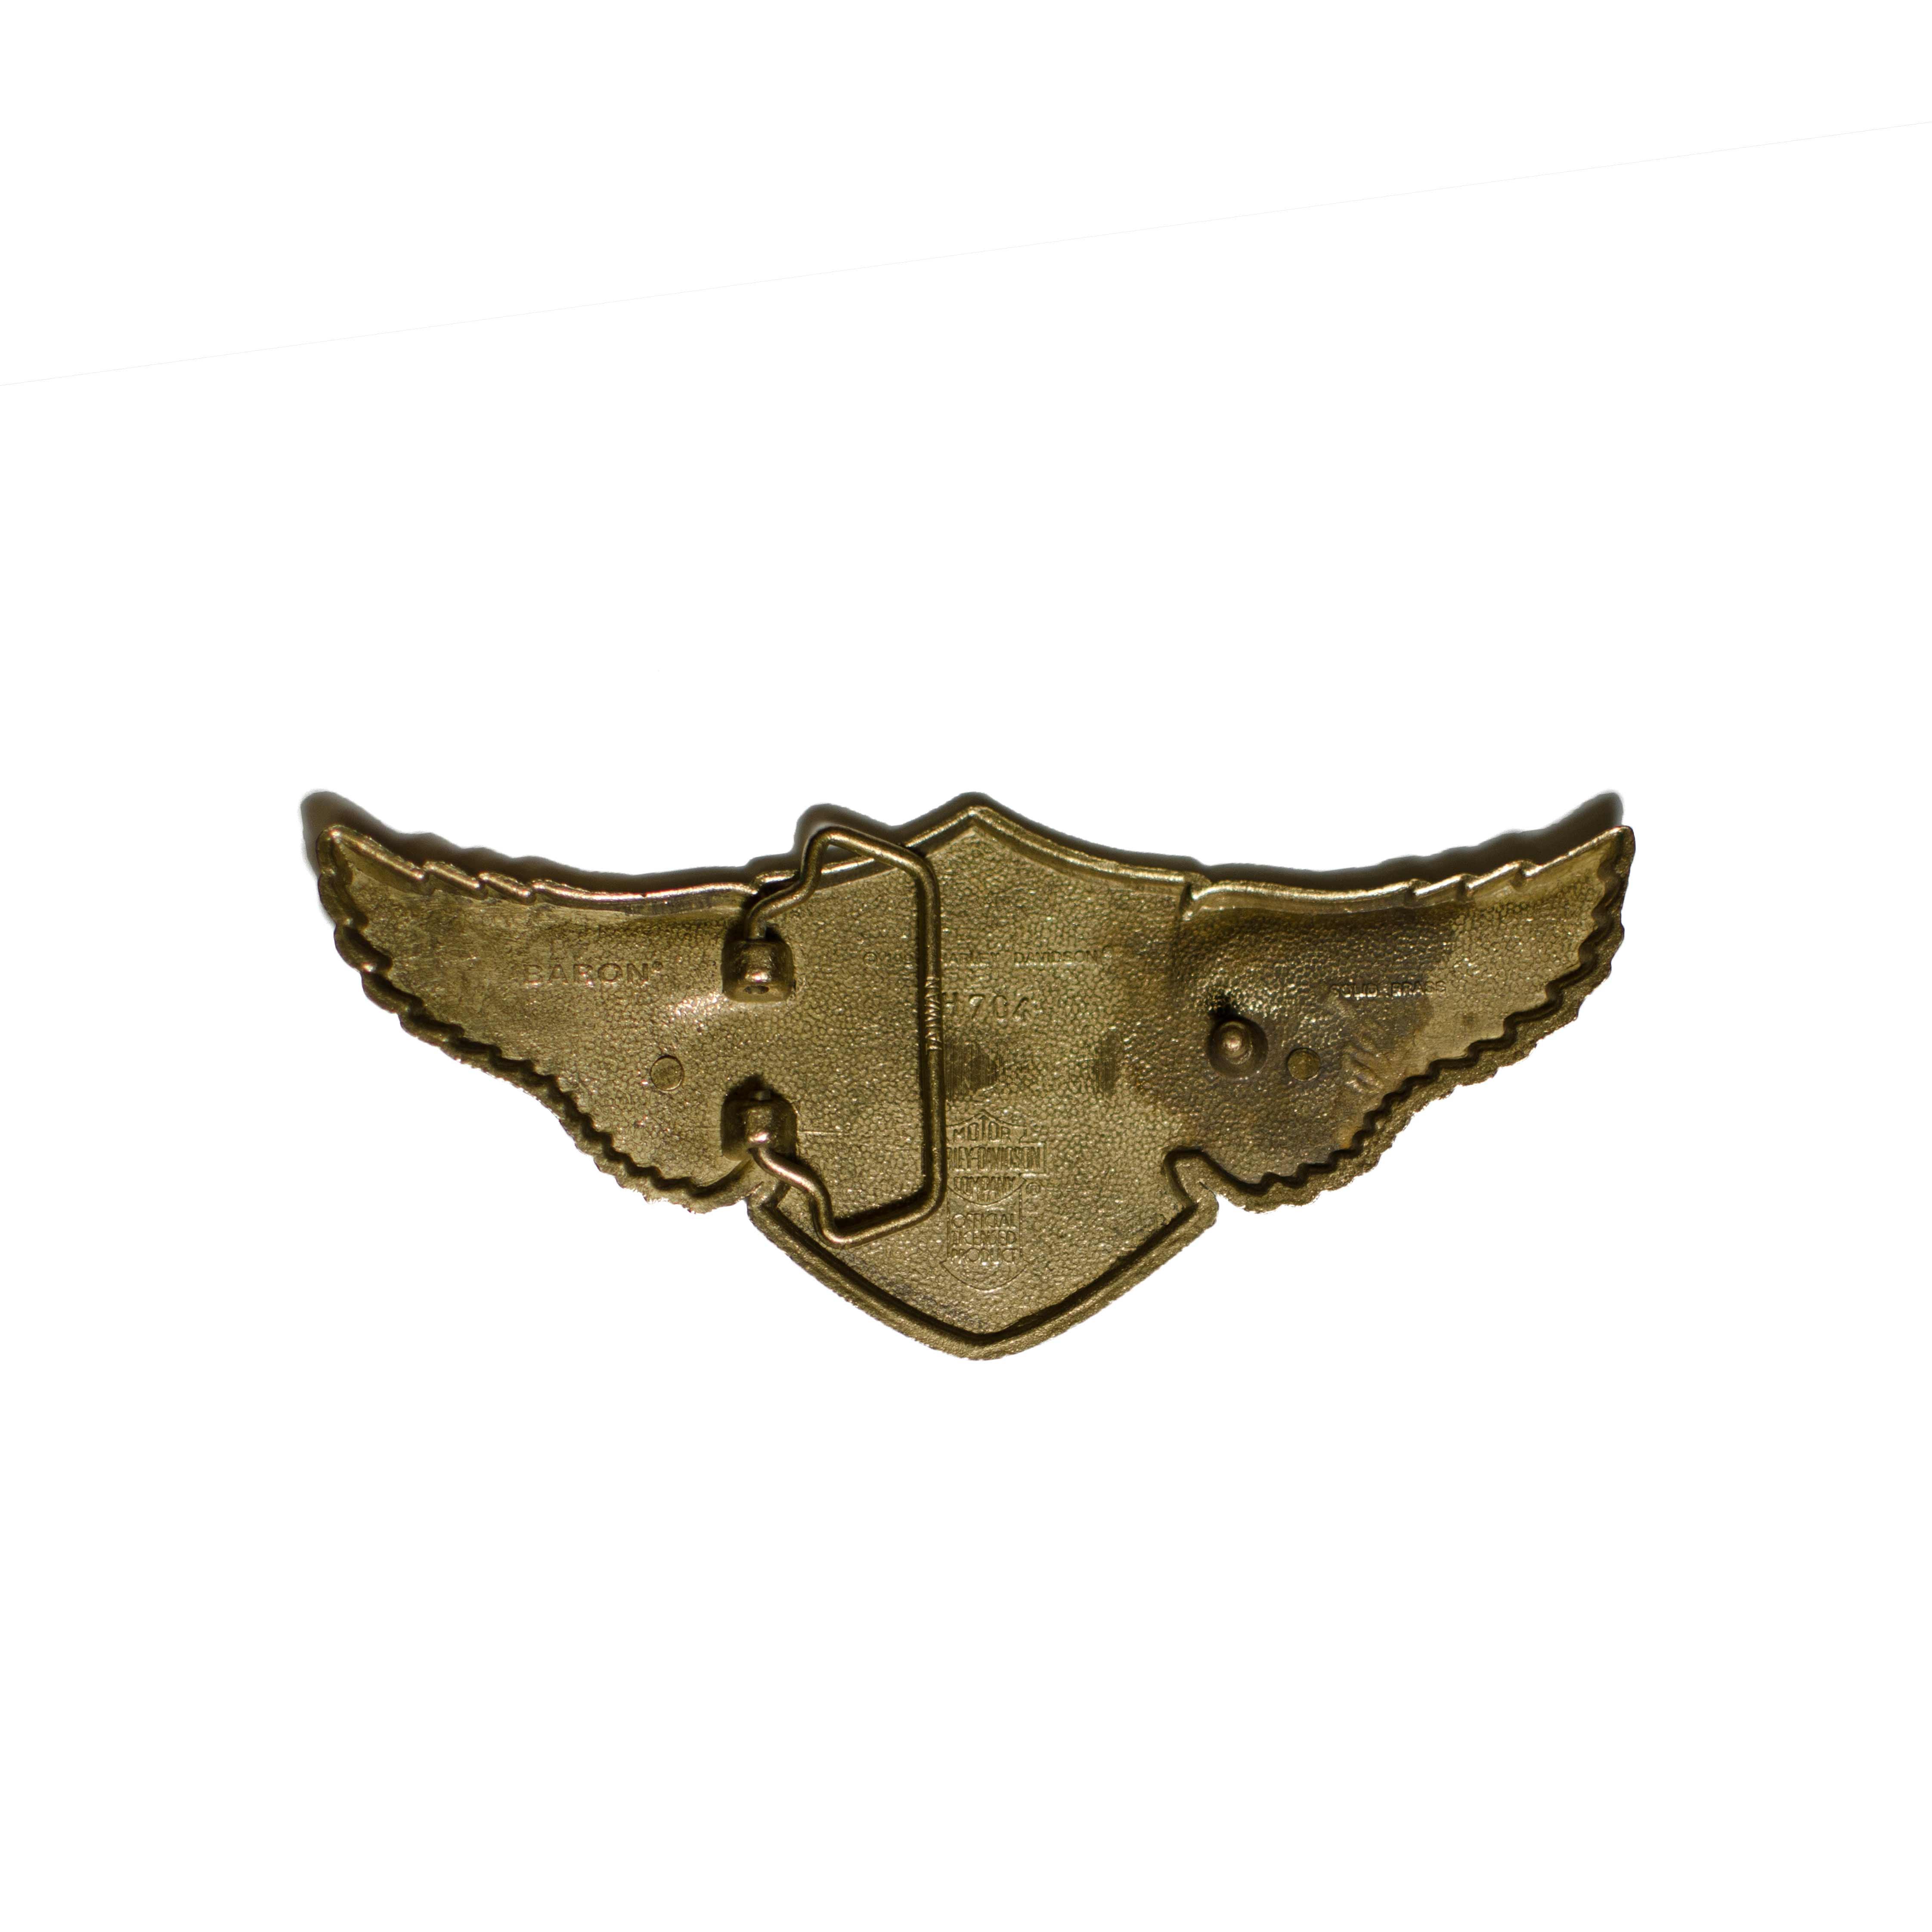 Harley Davidson Belt Buckle Baron H 704 SOLID BRASS